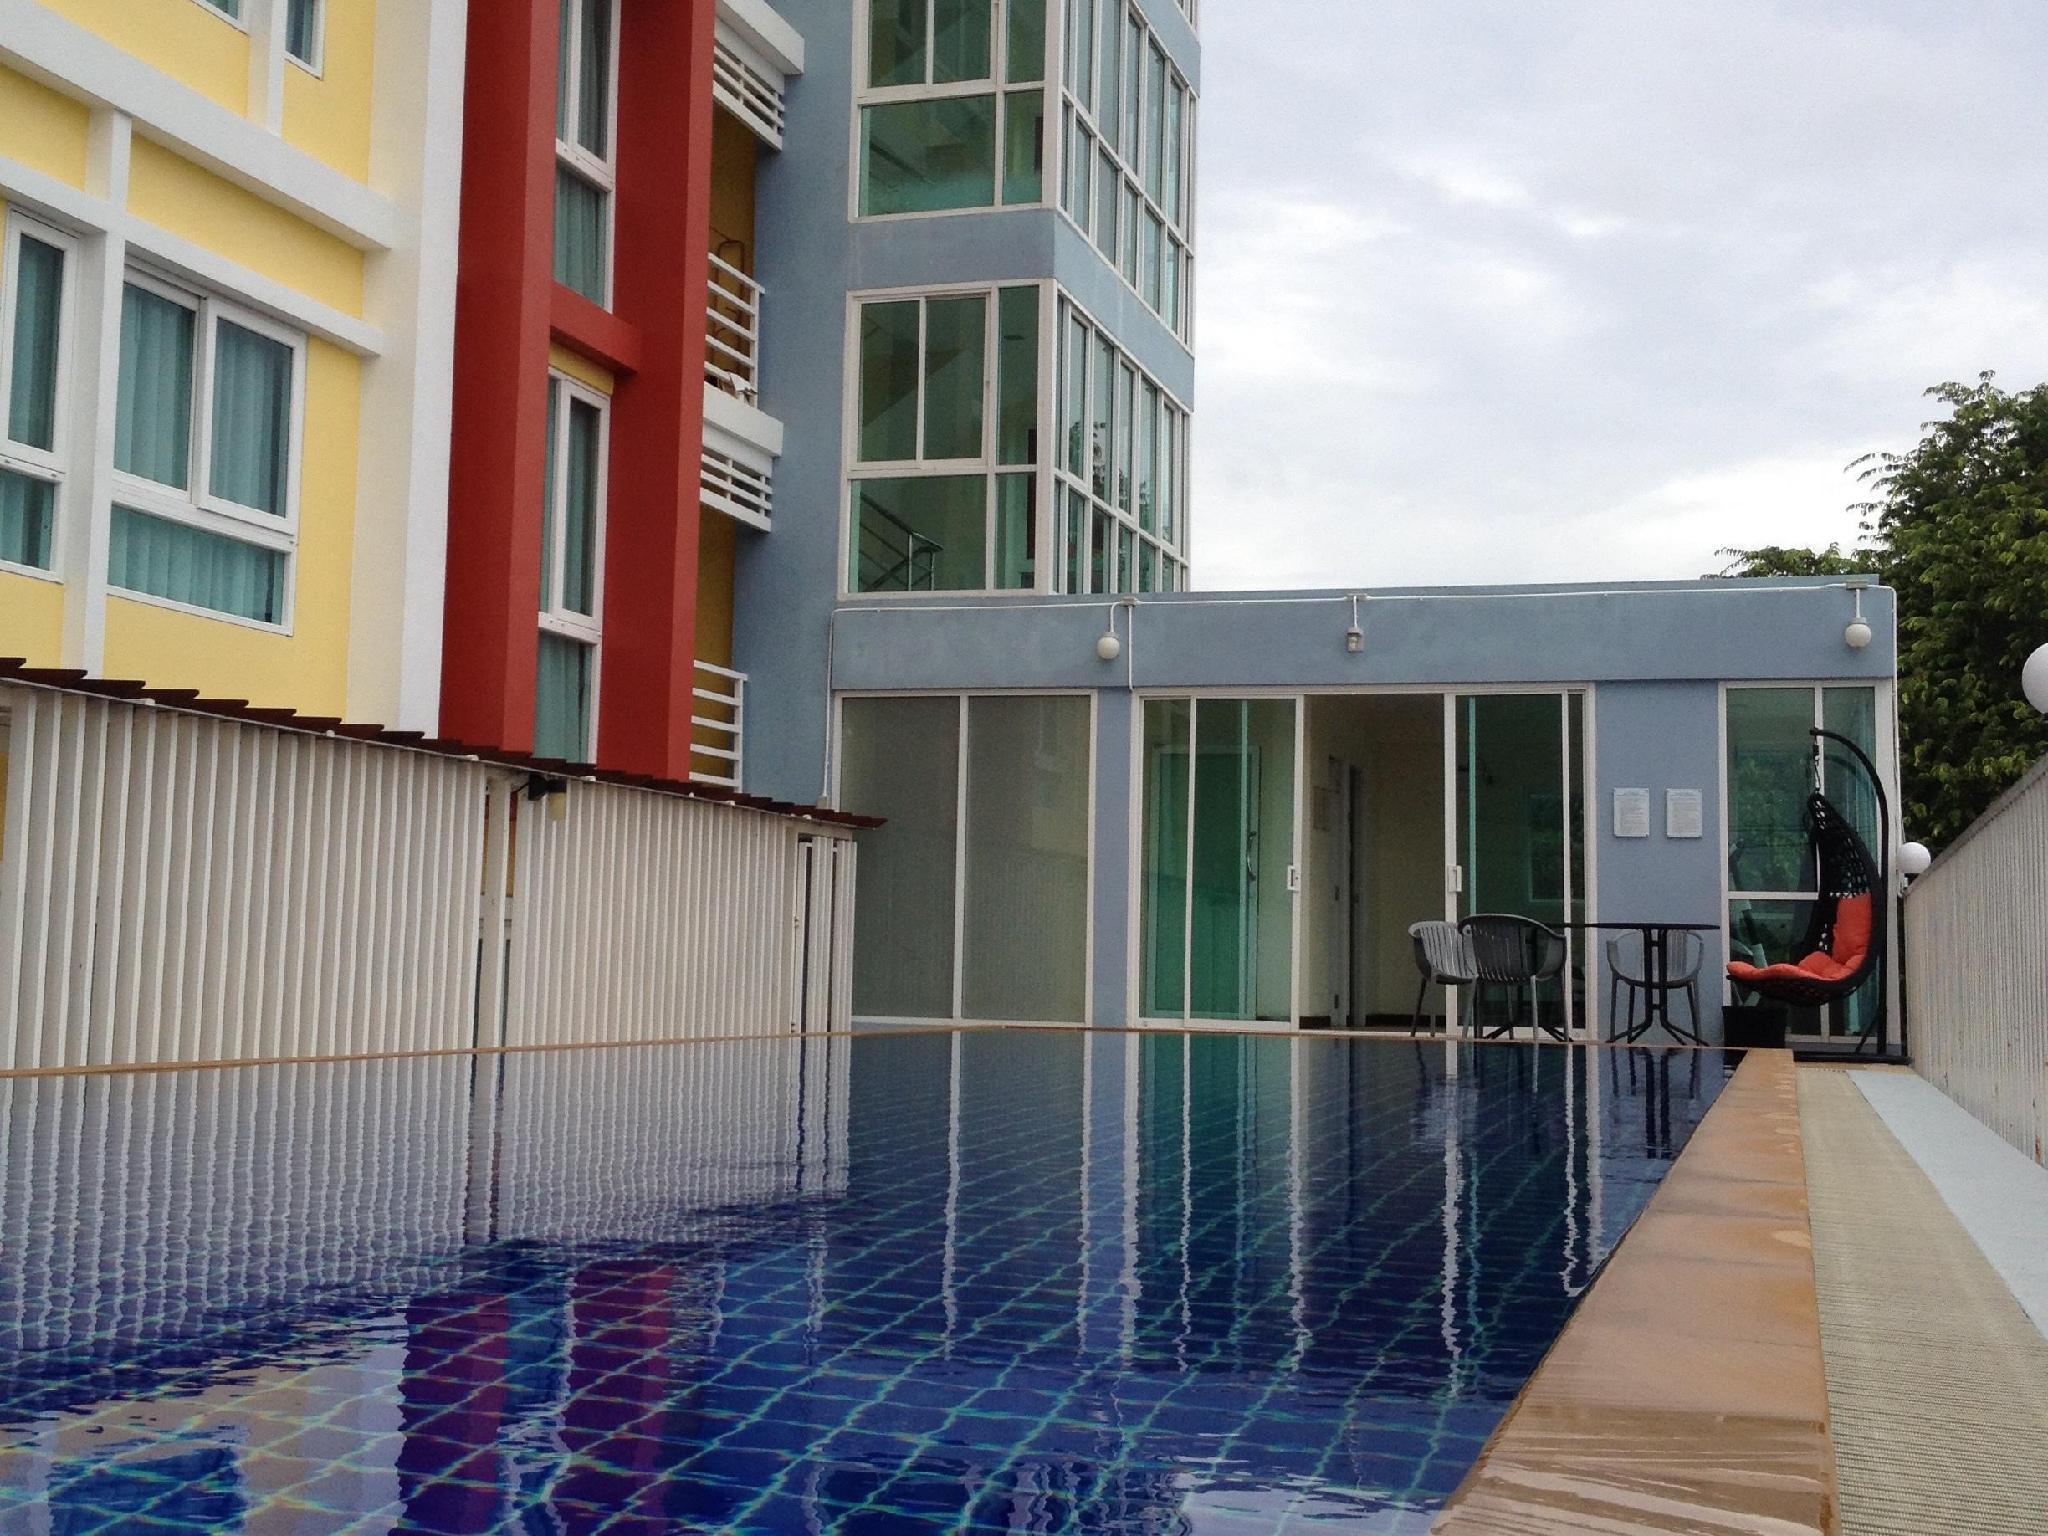 Khanitta-Bukitta Airport Condominium - Hotels and Accommodation in Thailand, Asia